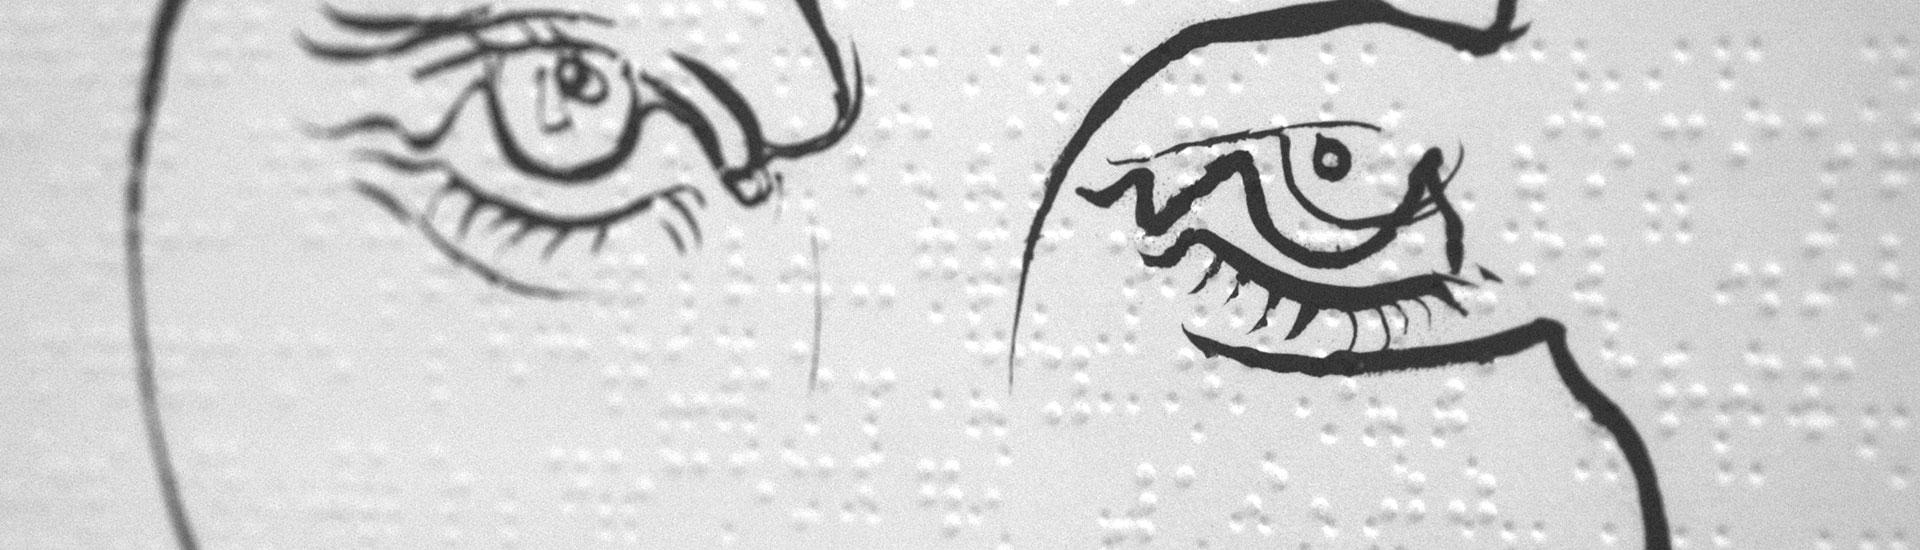 pen drawing on braille, by steven mckenzie